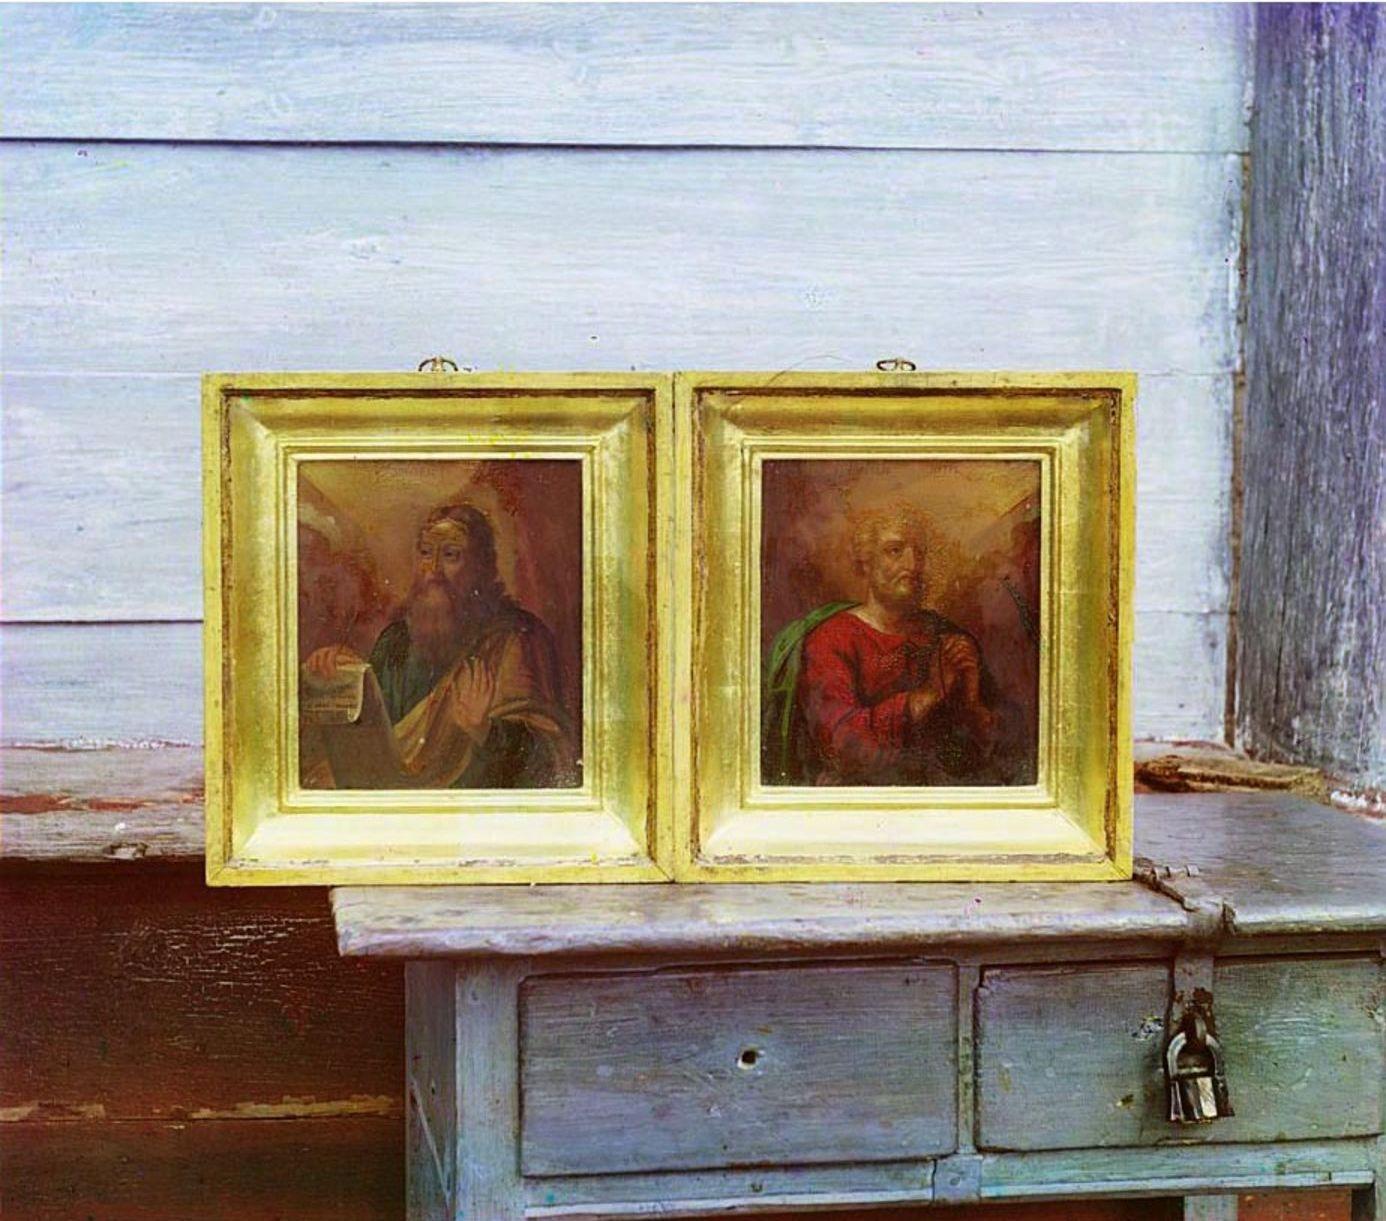 Петровское. Часовня. Две иконы Св. Петра и Павла